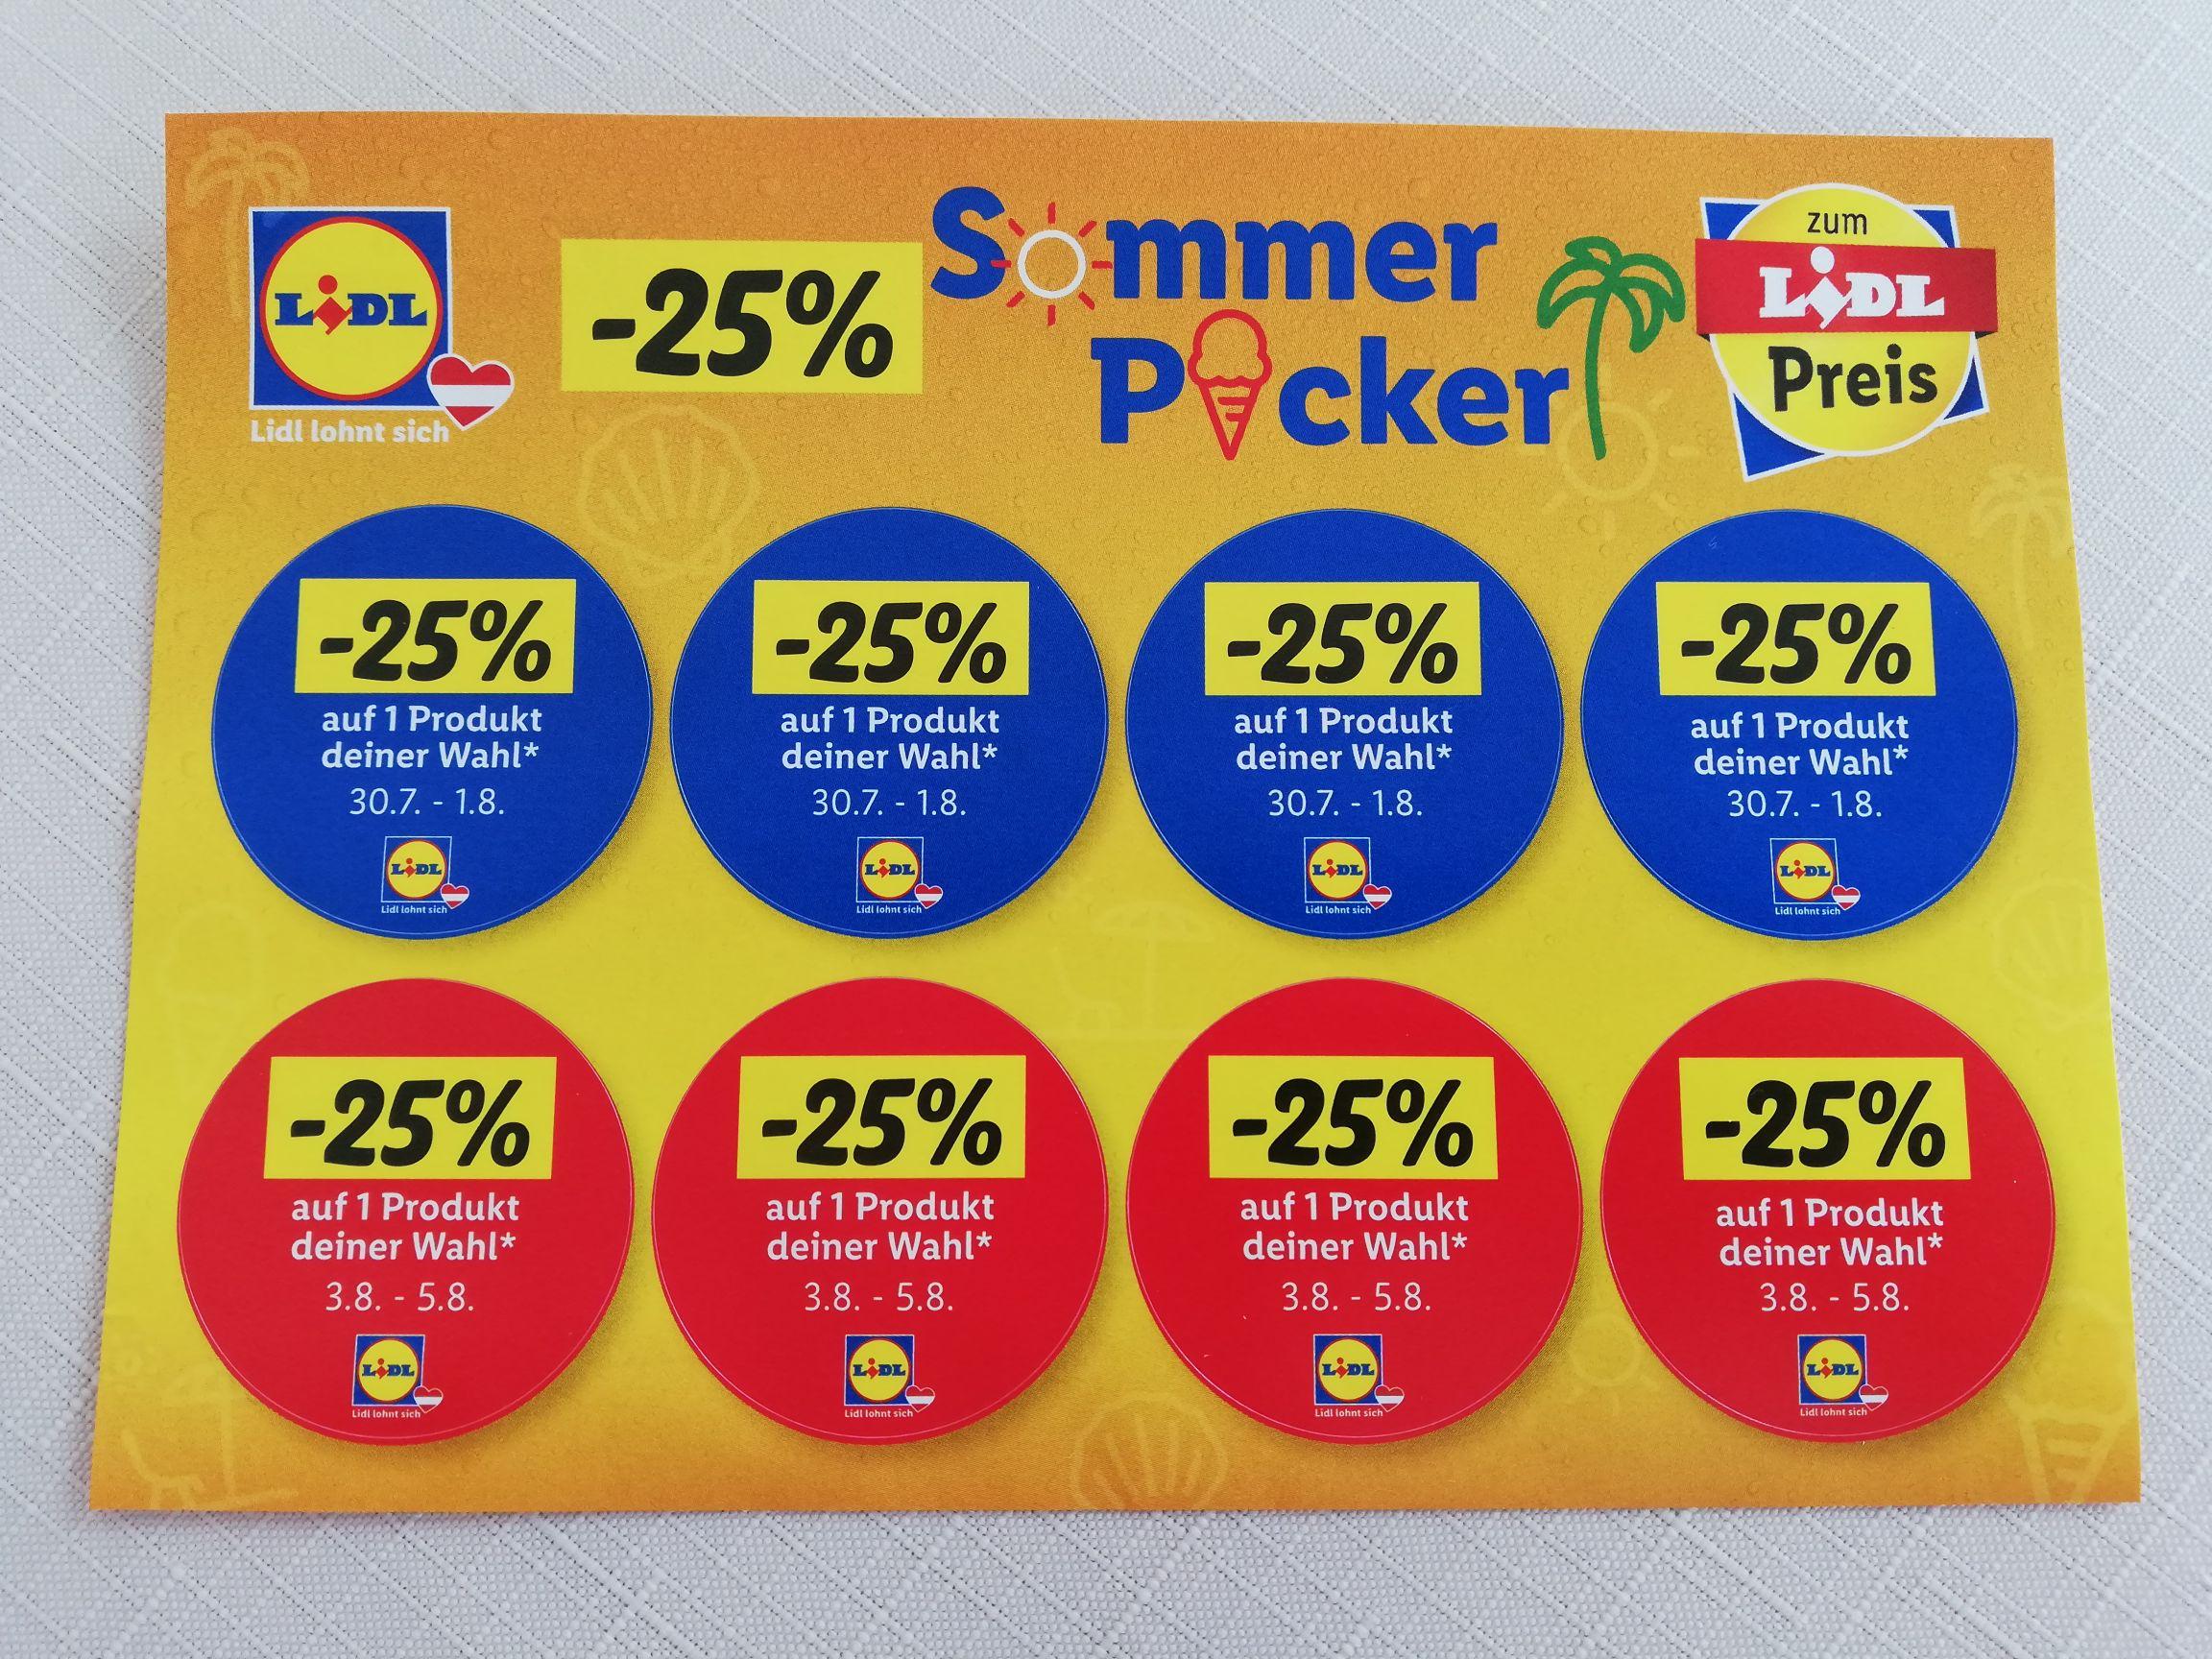 LIDL: 25% Sticker, gültig von 30.7. - 5.8.